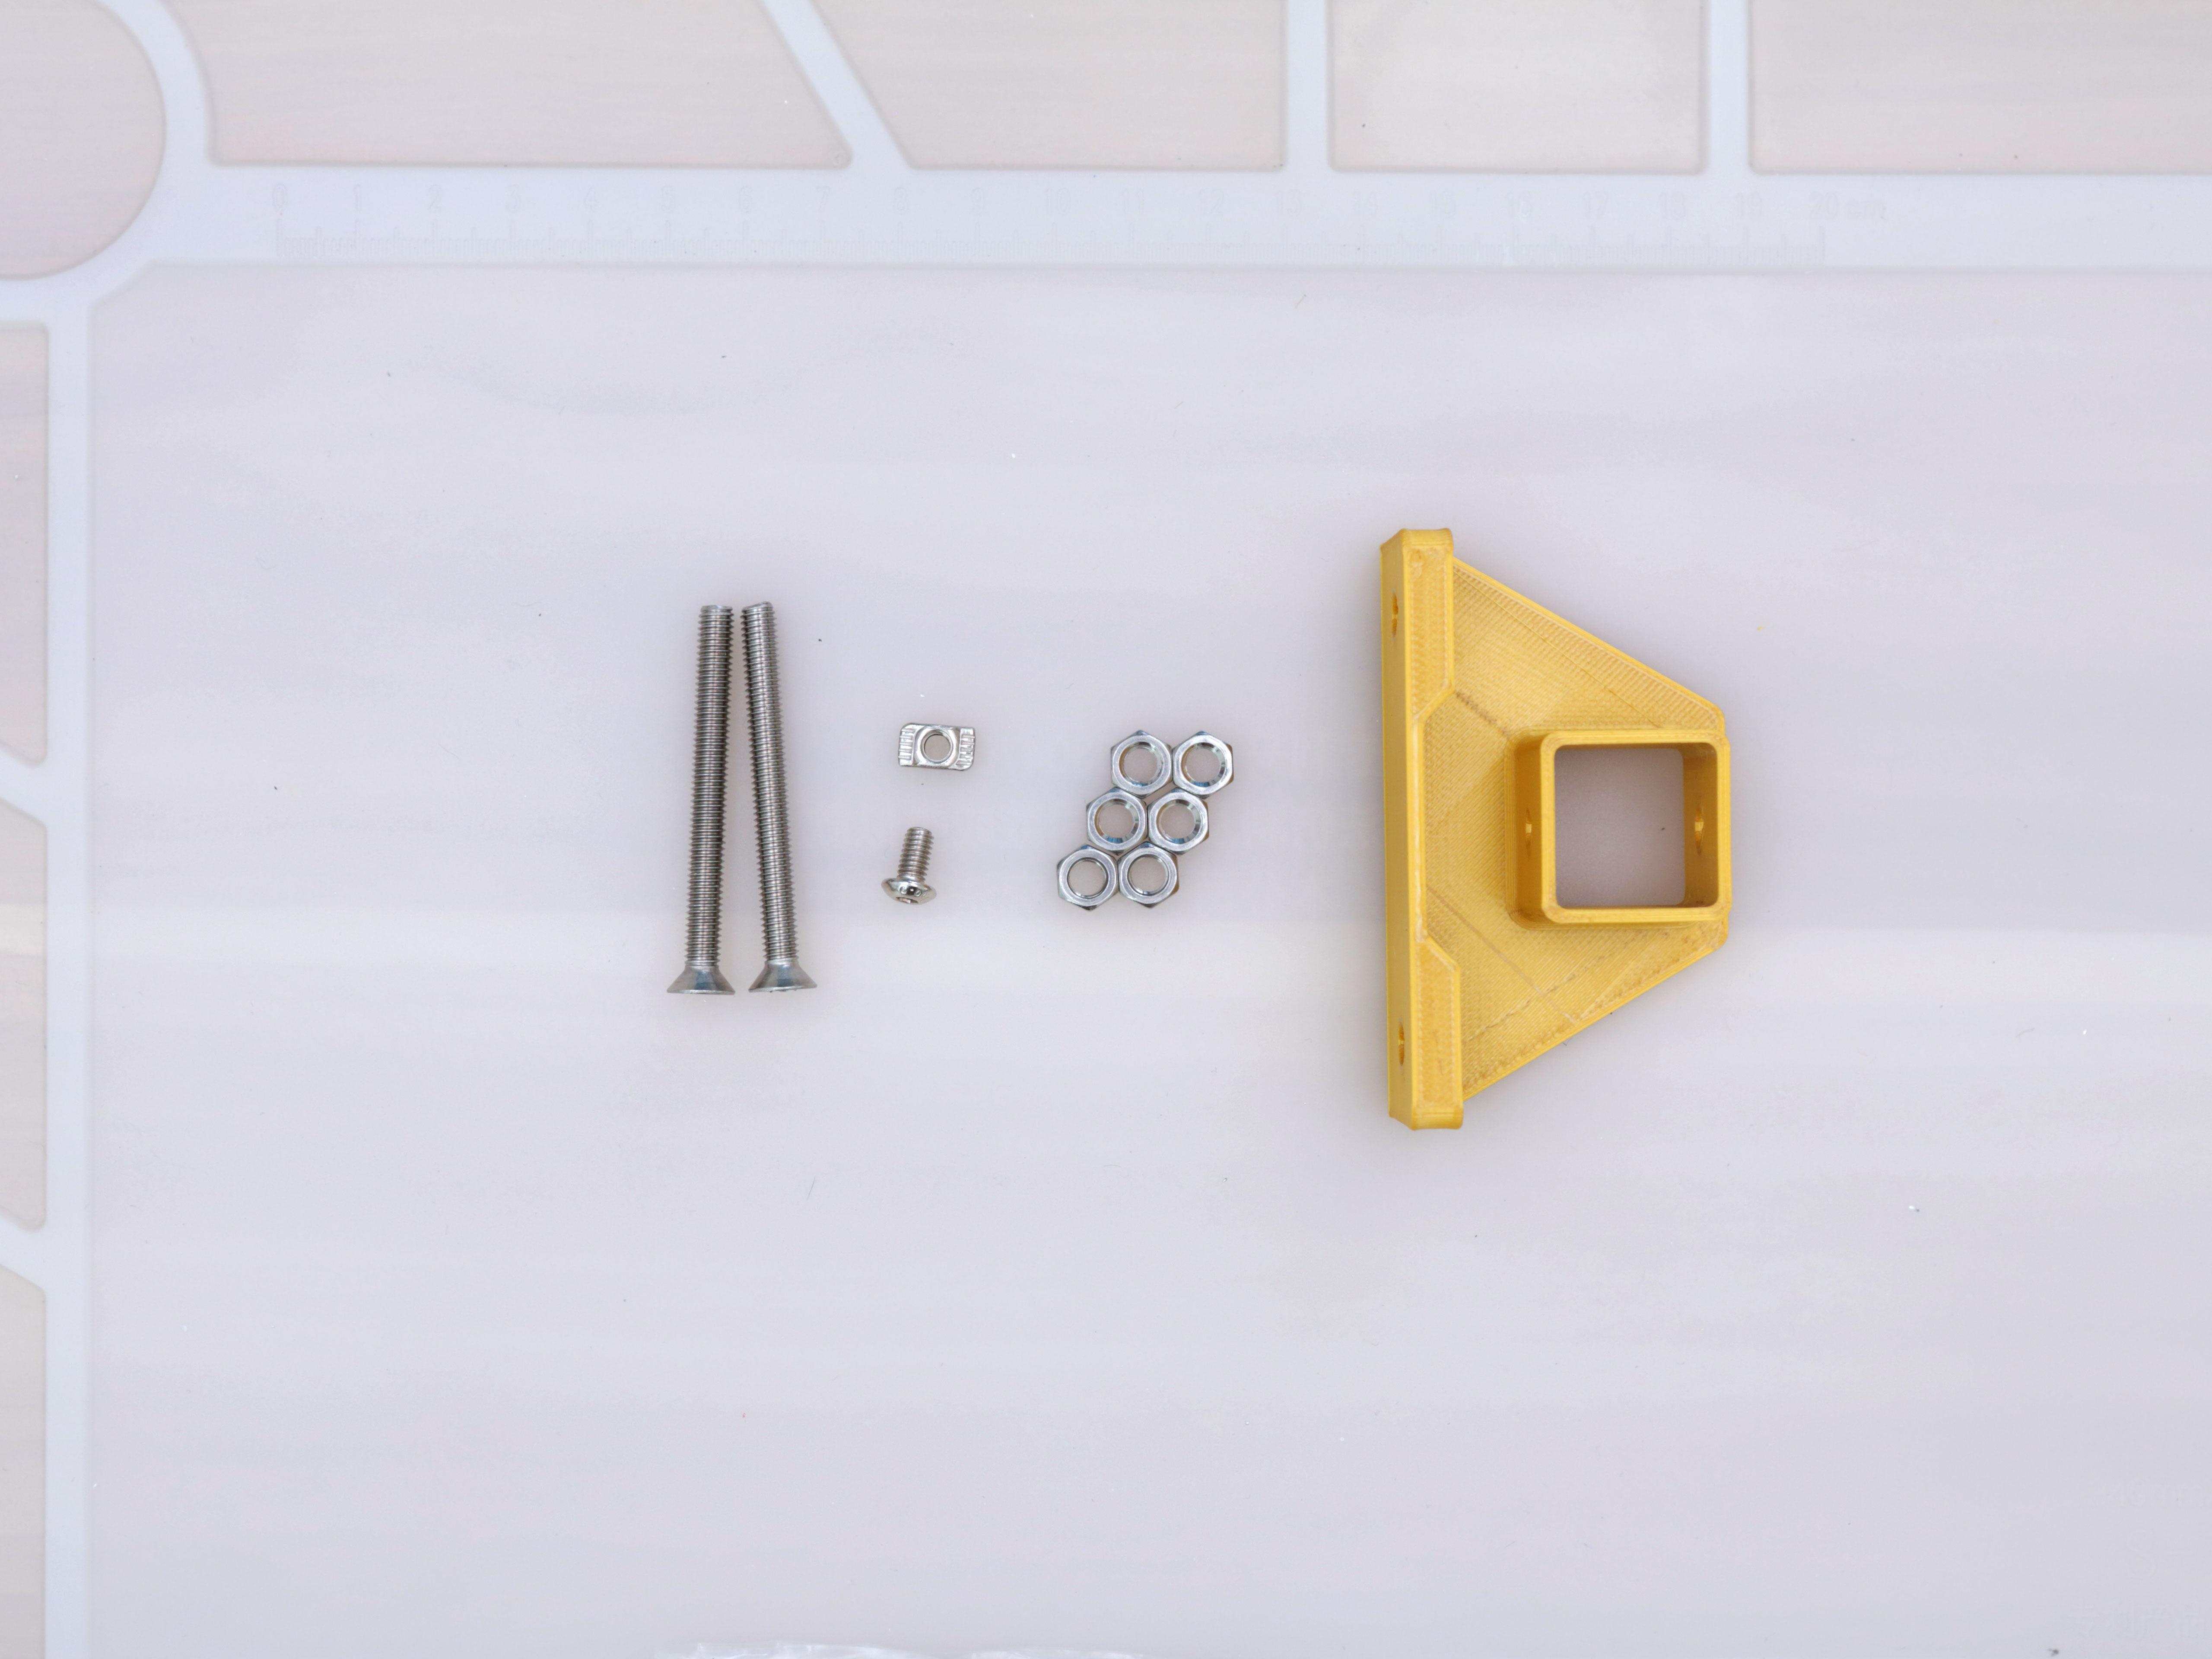 3d_printing_2020-screws.jpg